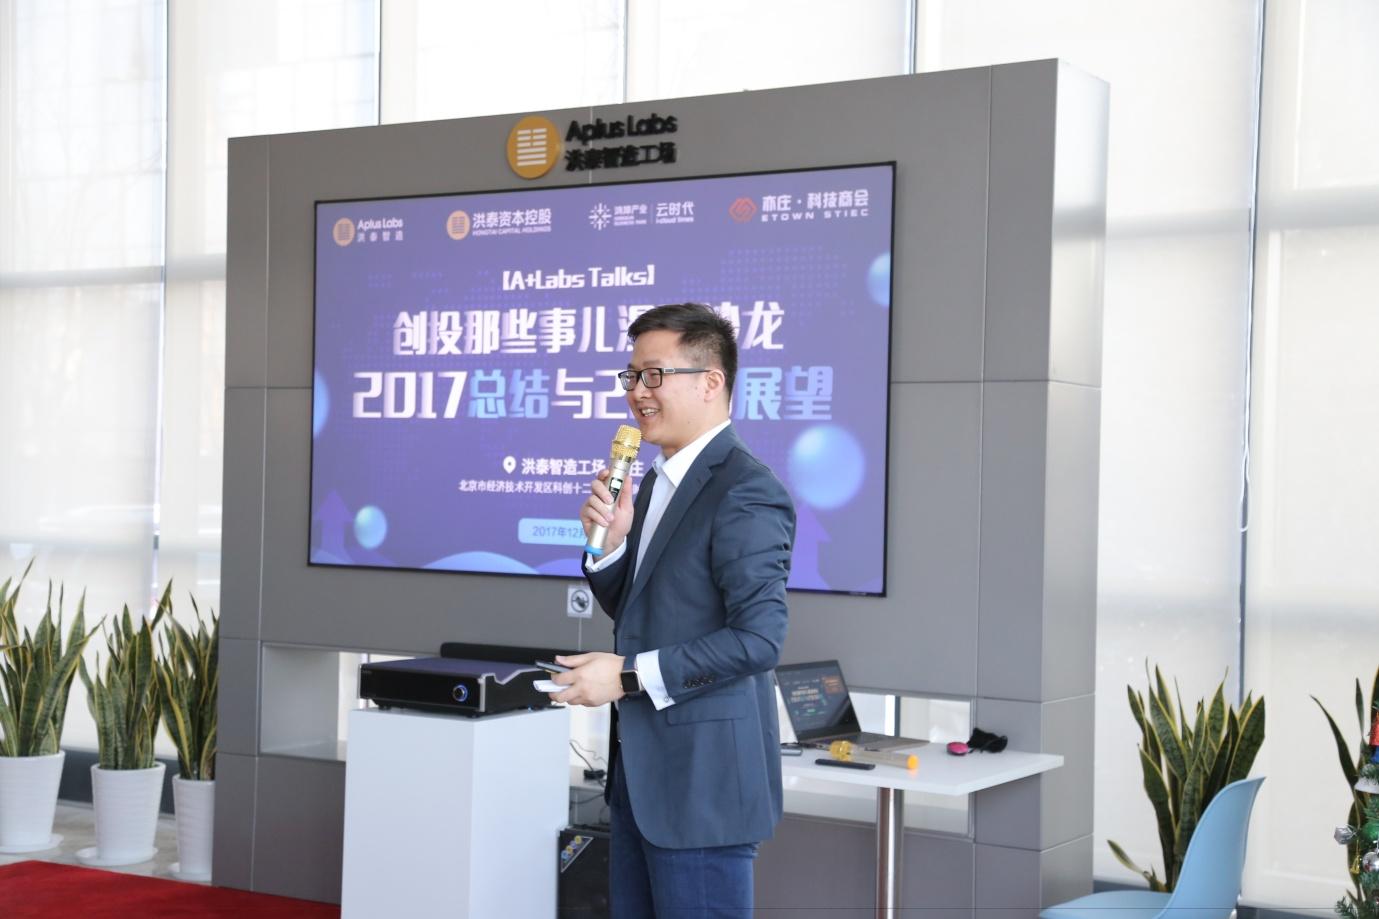 洪泰智造工场总结2017创投 新时代下的新动能与新格局